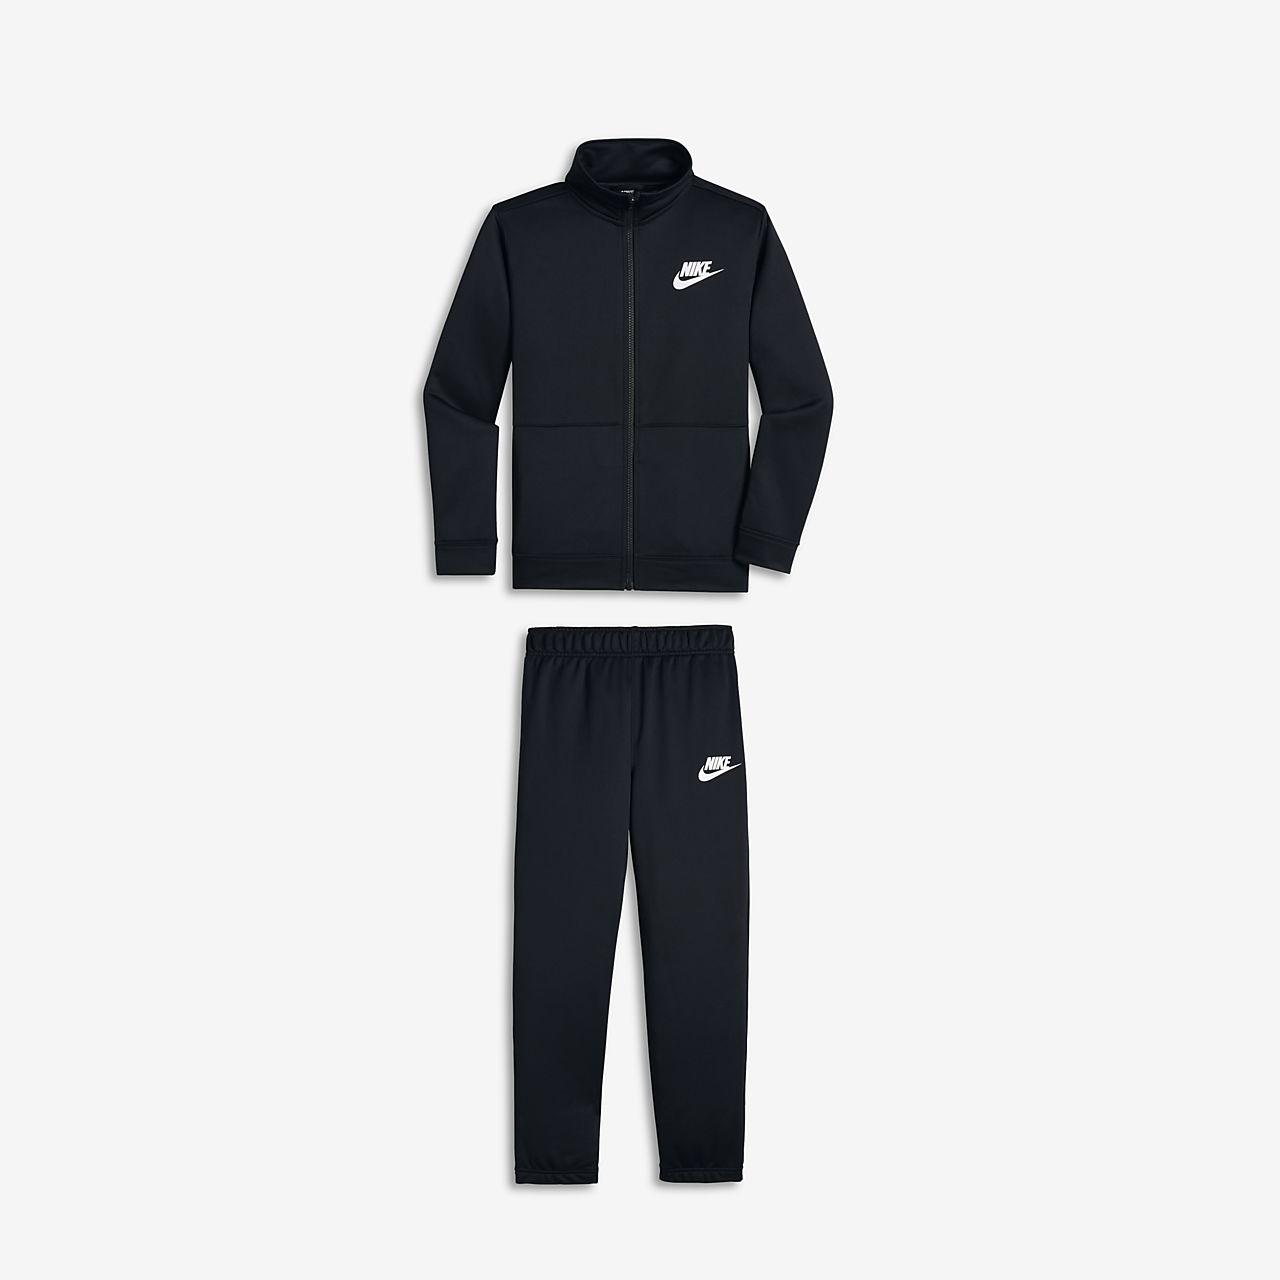 Fr Survêtement Âgé Pour Nike Sportswear Plus Garçon q6ZfwY